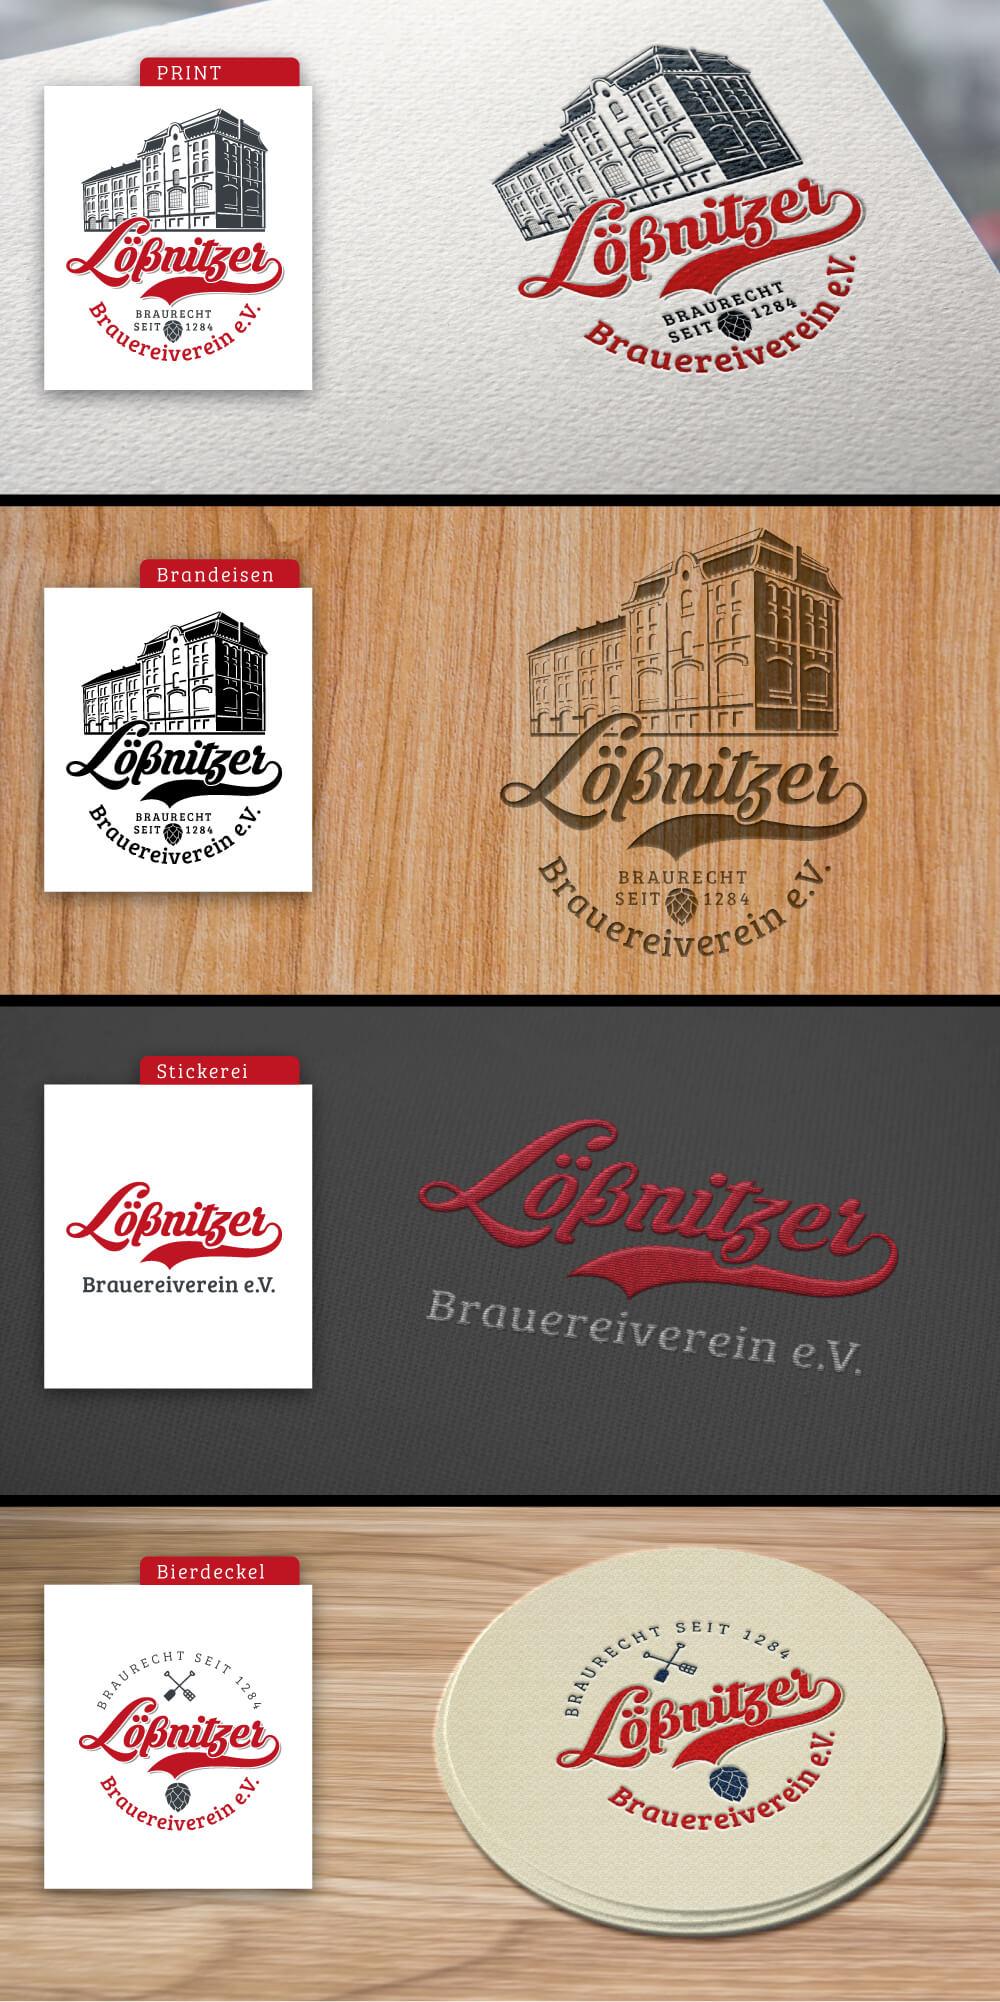 Einsatzmöglichkeiten Vereinslogo Brauereiverein Lößnitzer